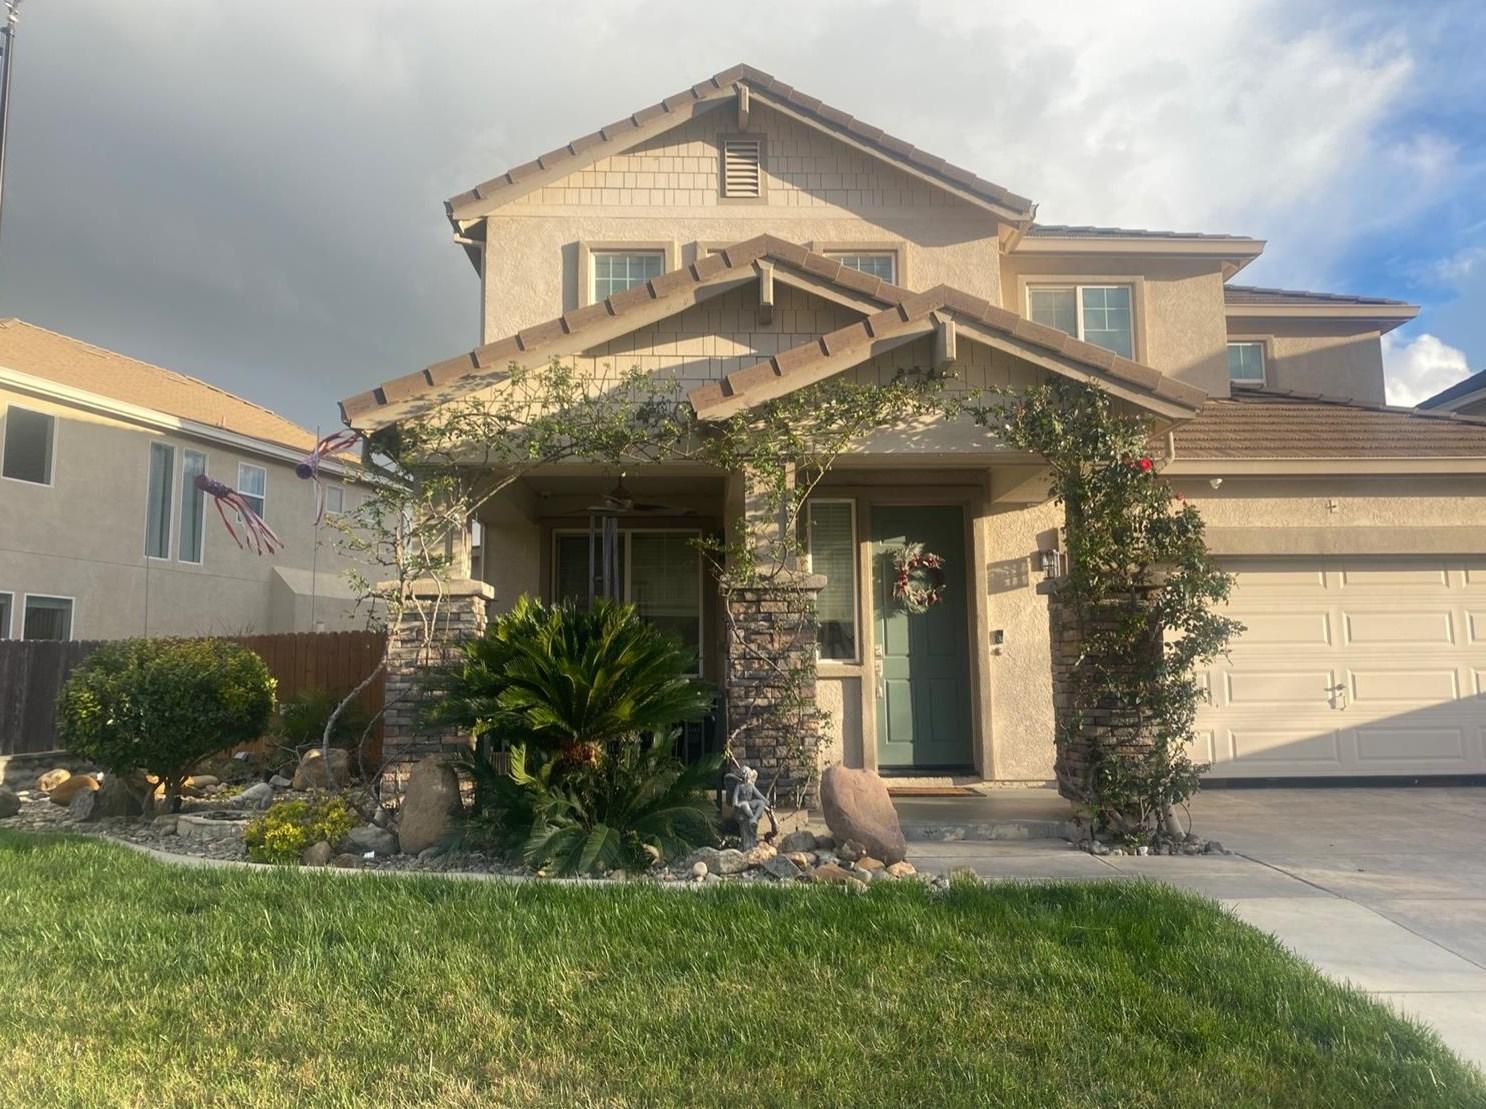 1191 Oatgrass Way, Los Banos, CA 93635